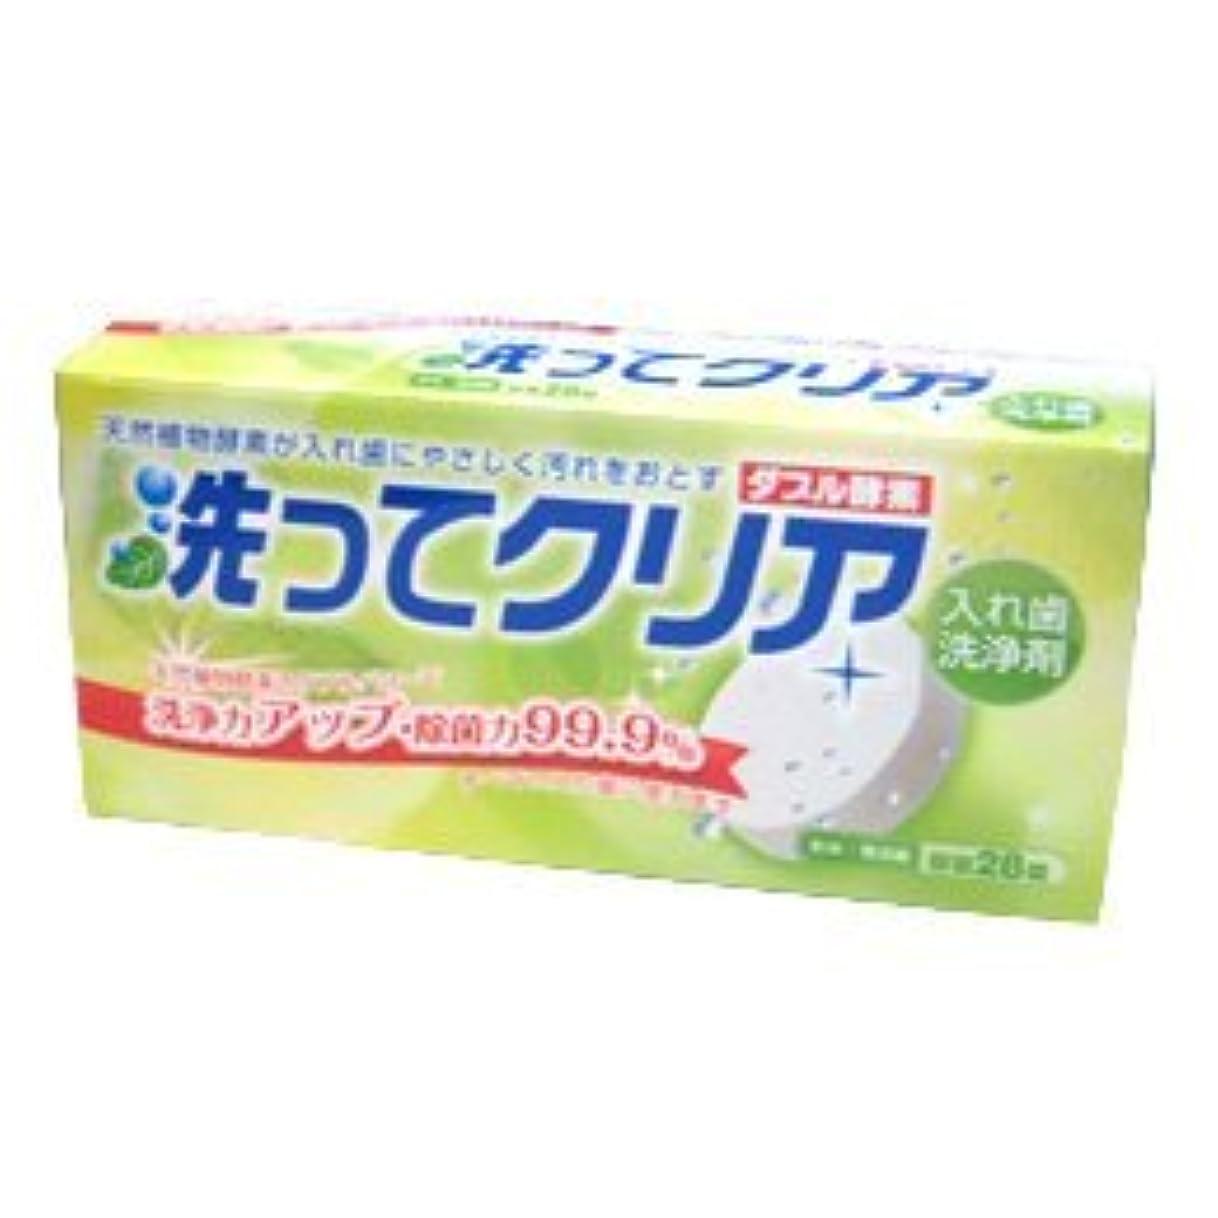 本物の計画合併東伸洋行株式会社 洗ってクリア ダブル酵素 28錠 入れ歯洗浄剤